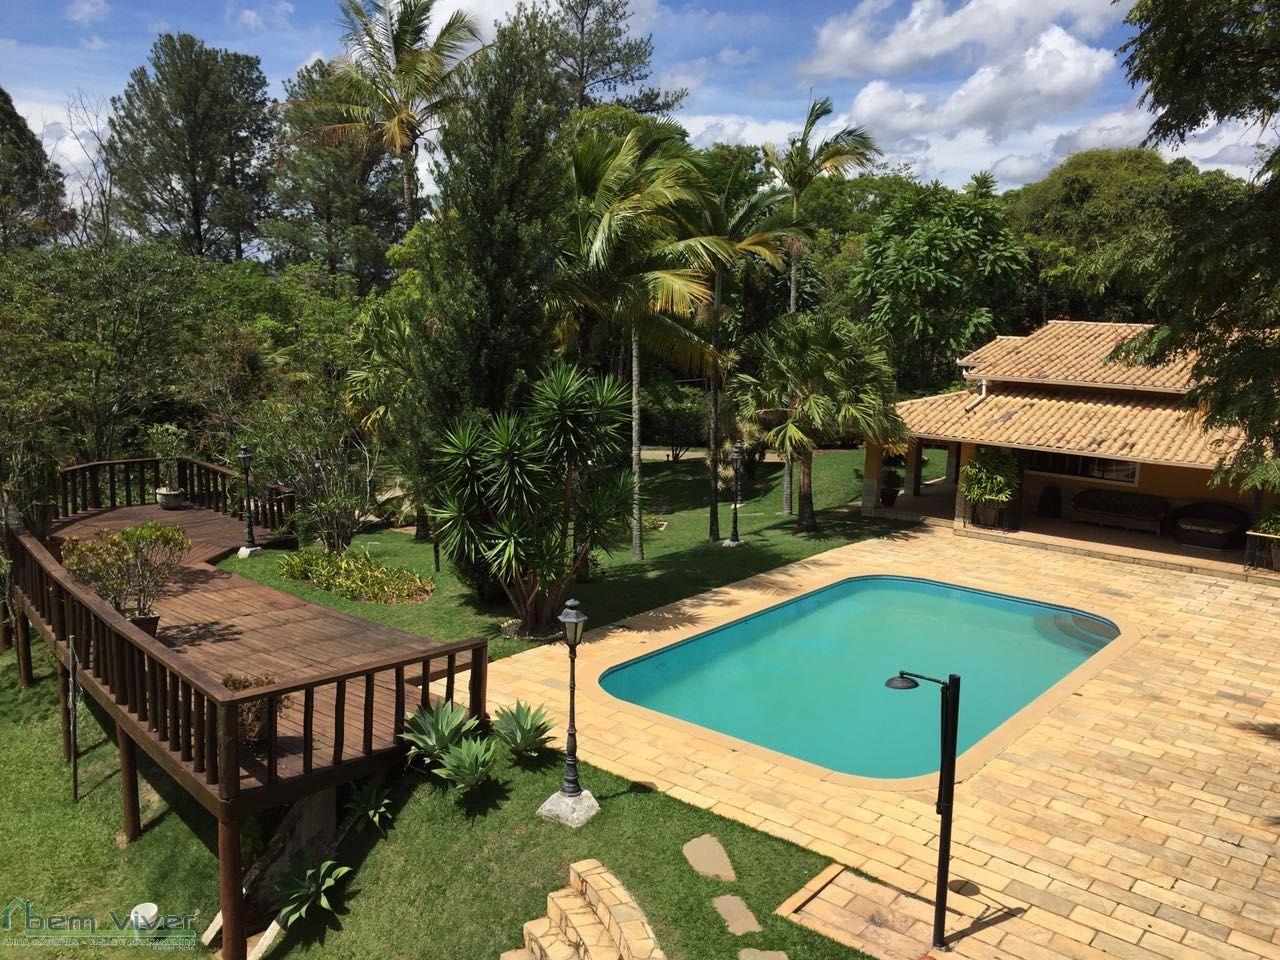 Casa em condomínio - Cond. Nossa Fazenda | cod.: 212442 R$ 1.290.000,00